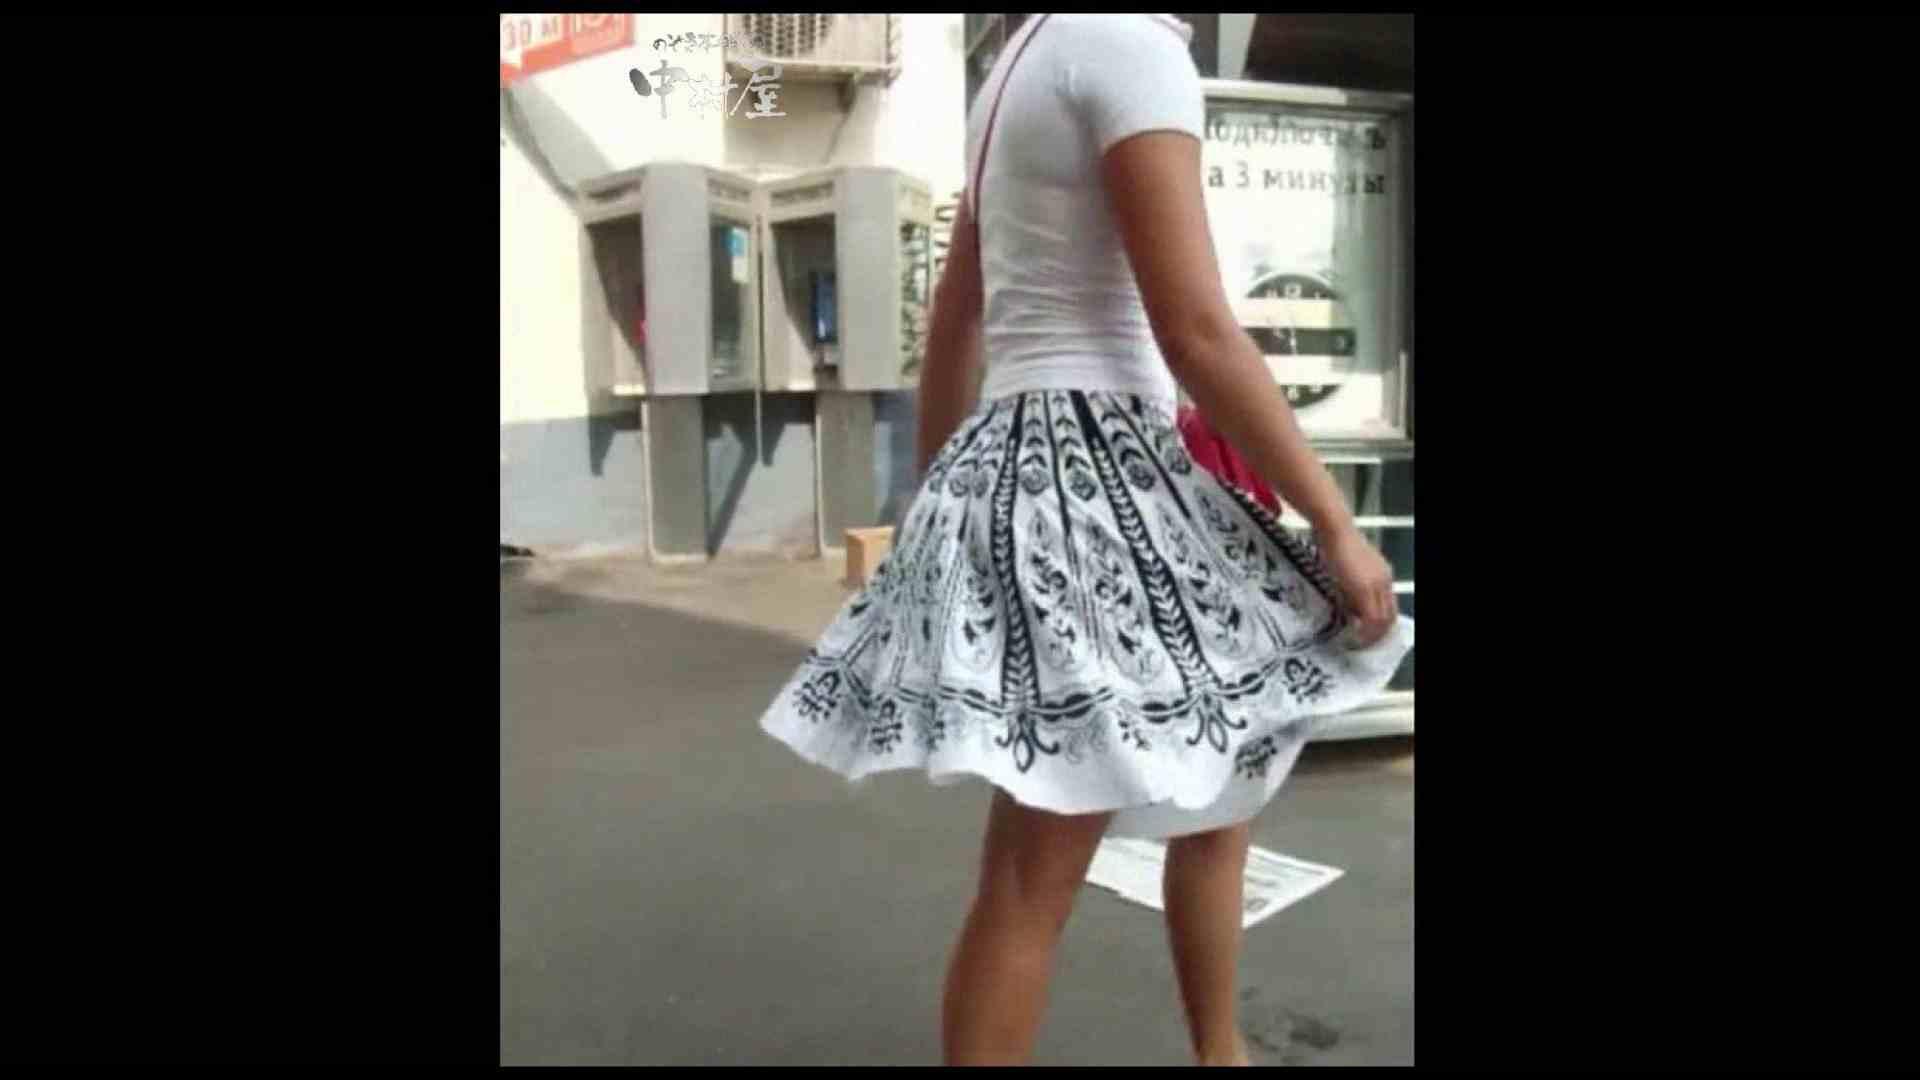 綺麗なモデルさんのスカート捲っちゃおう‼ vol30 0  105pic 92